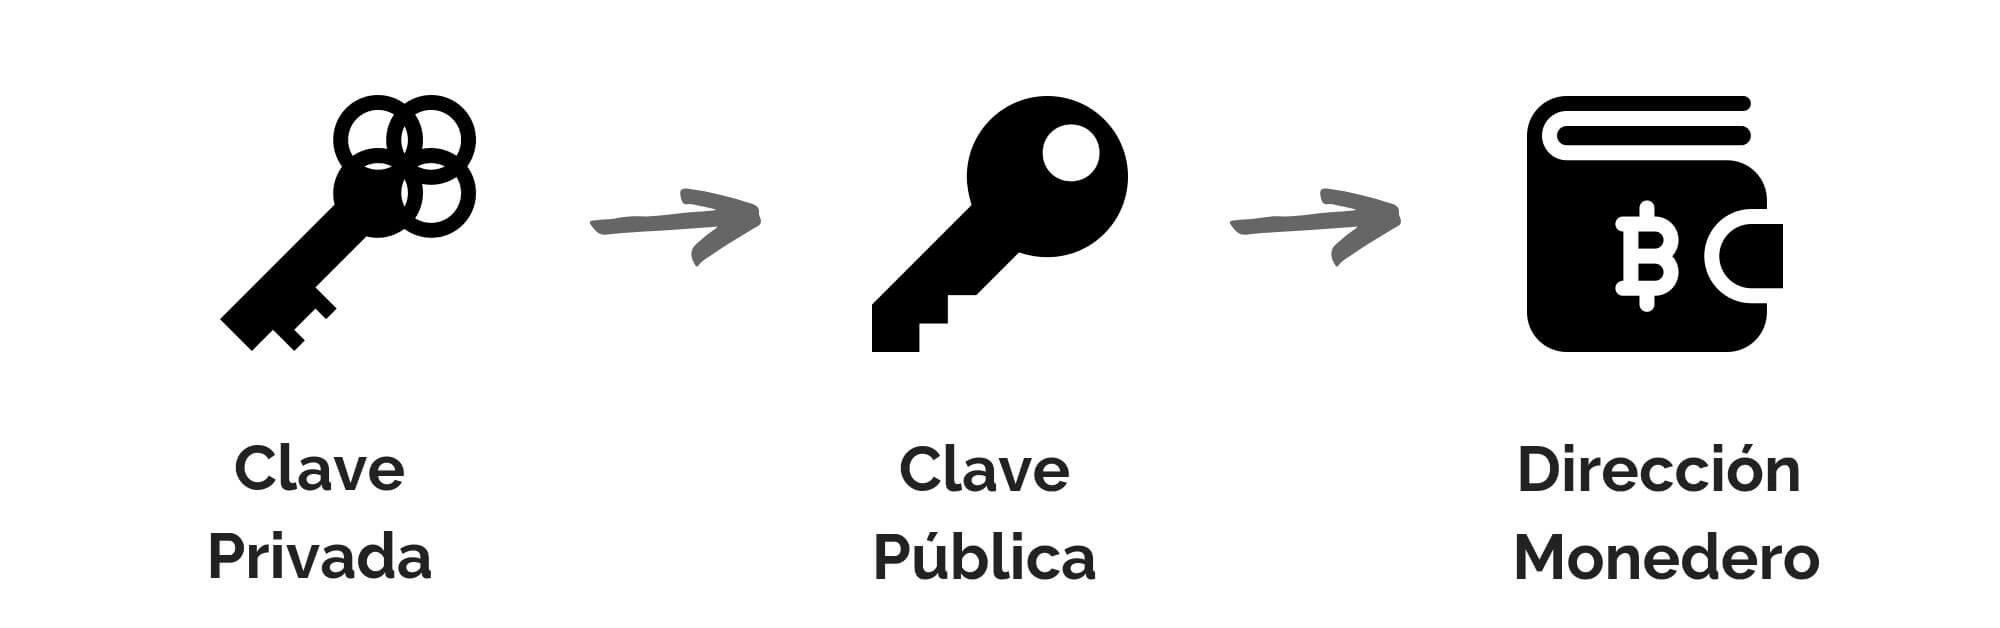 claves privadas y publicas explicado facil